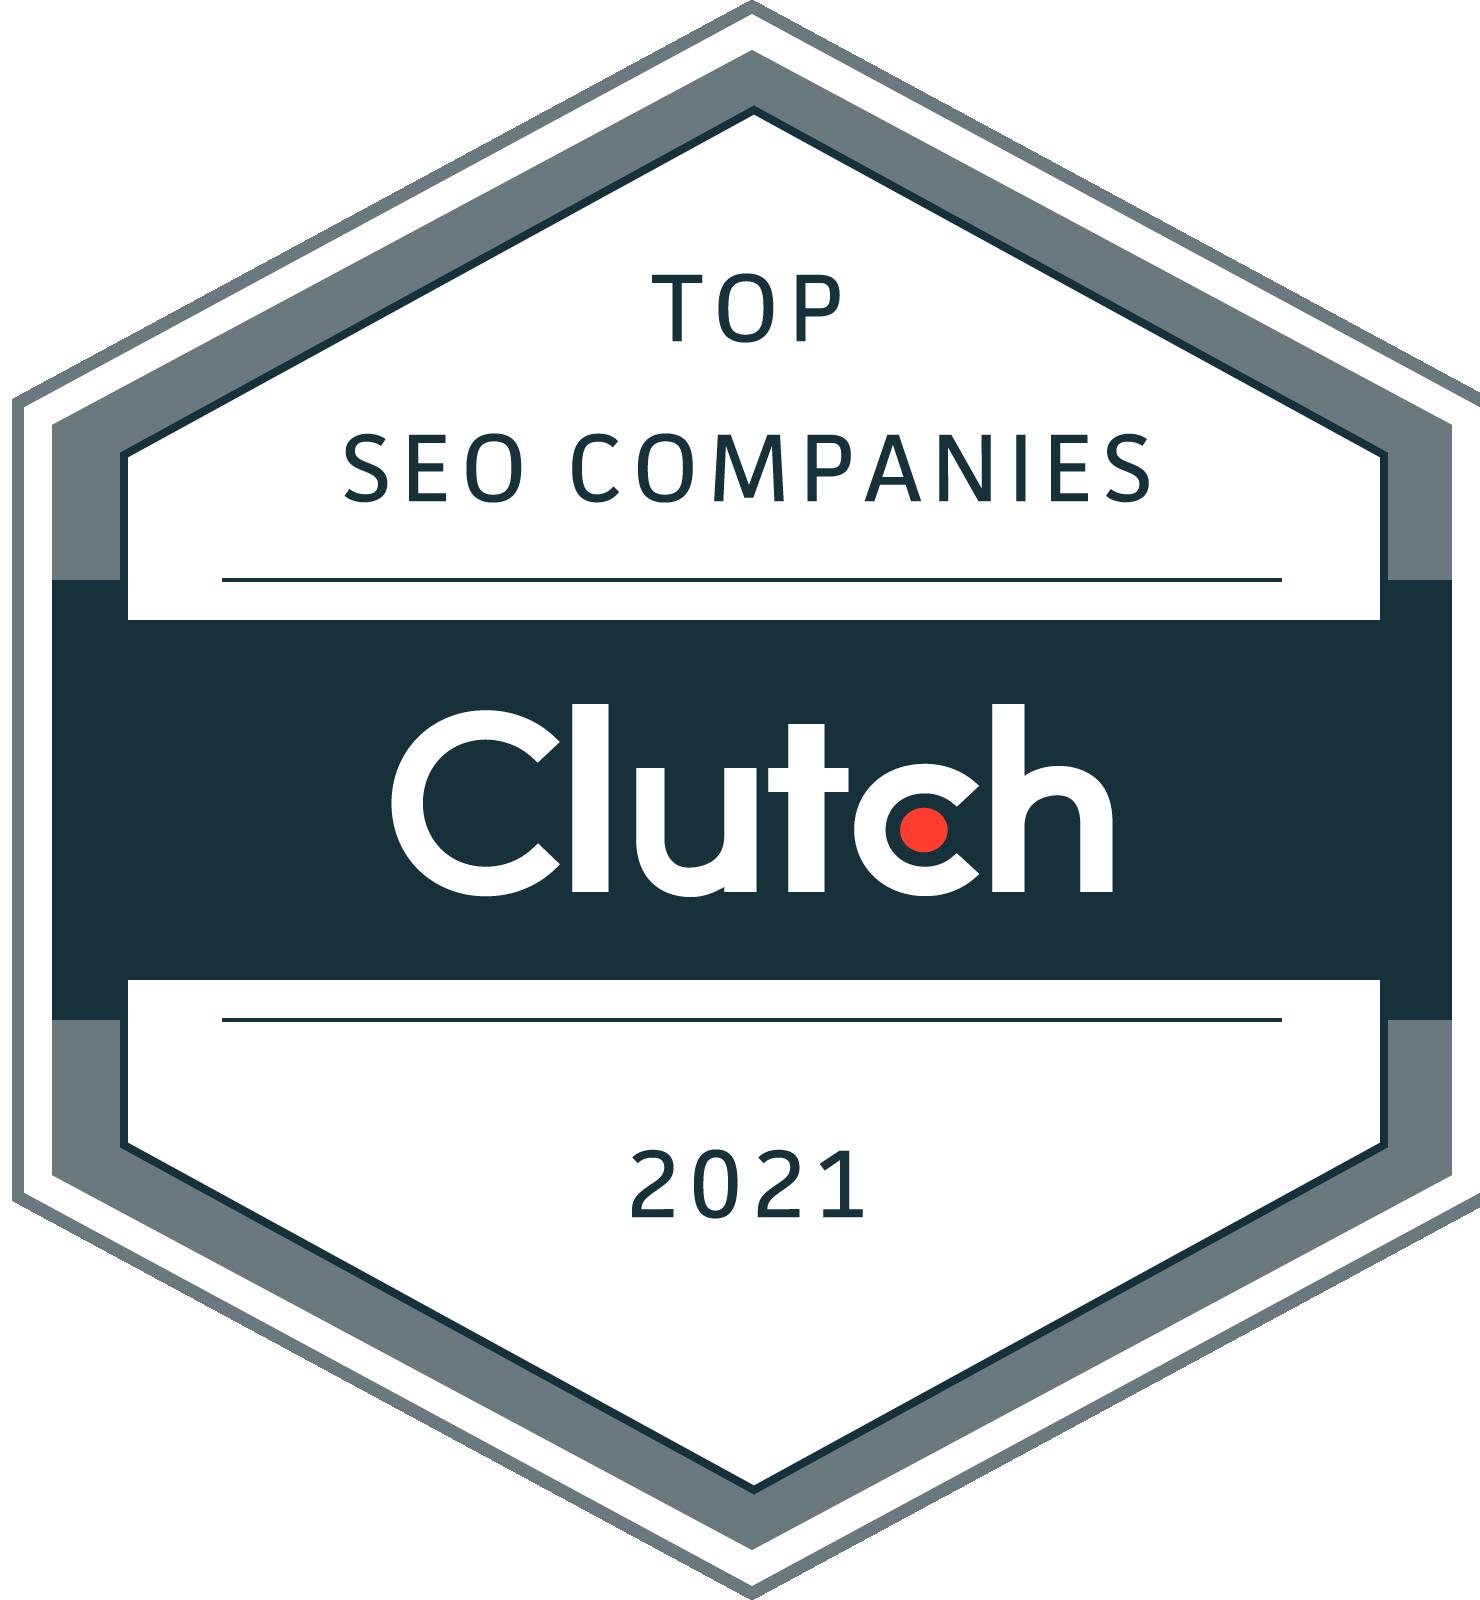 Best SEO Company in 2021 - Sixth Media